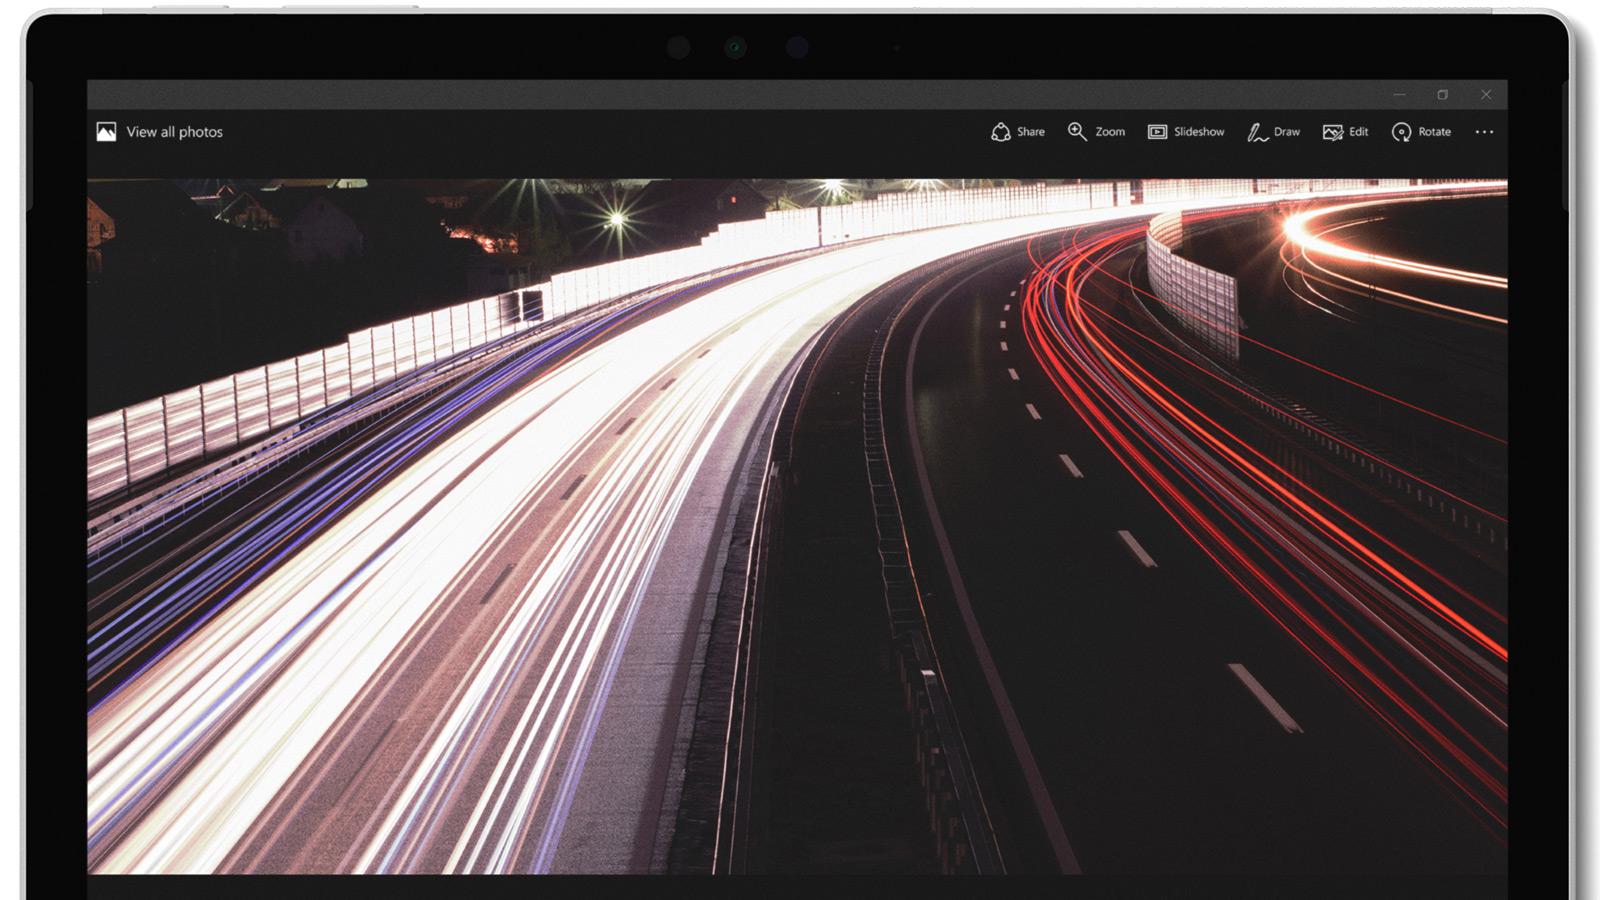 Surface Pro の 12.3 インチ PixelSense™ ディスプレイは、美しい色と高い解像度をお届けします。